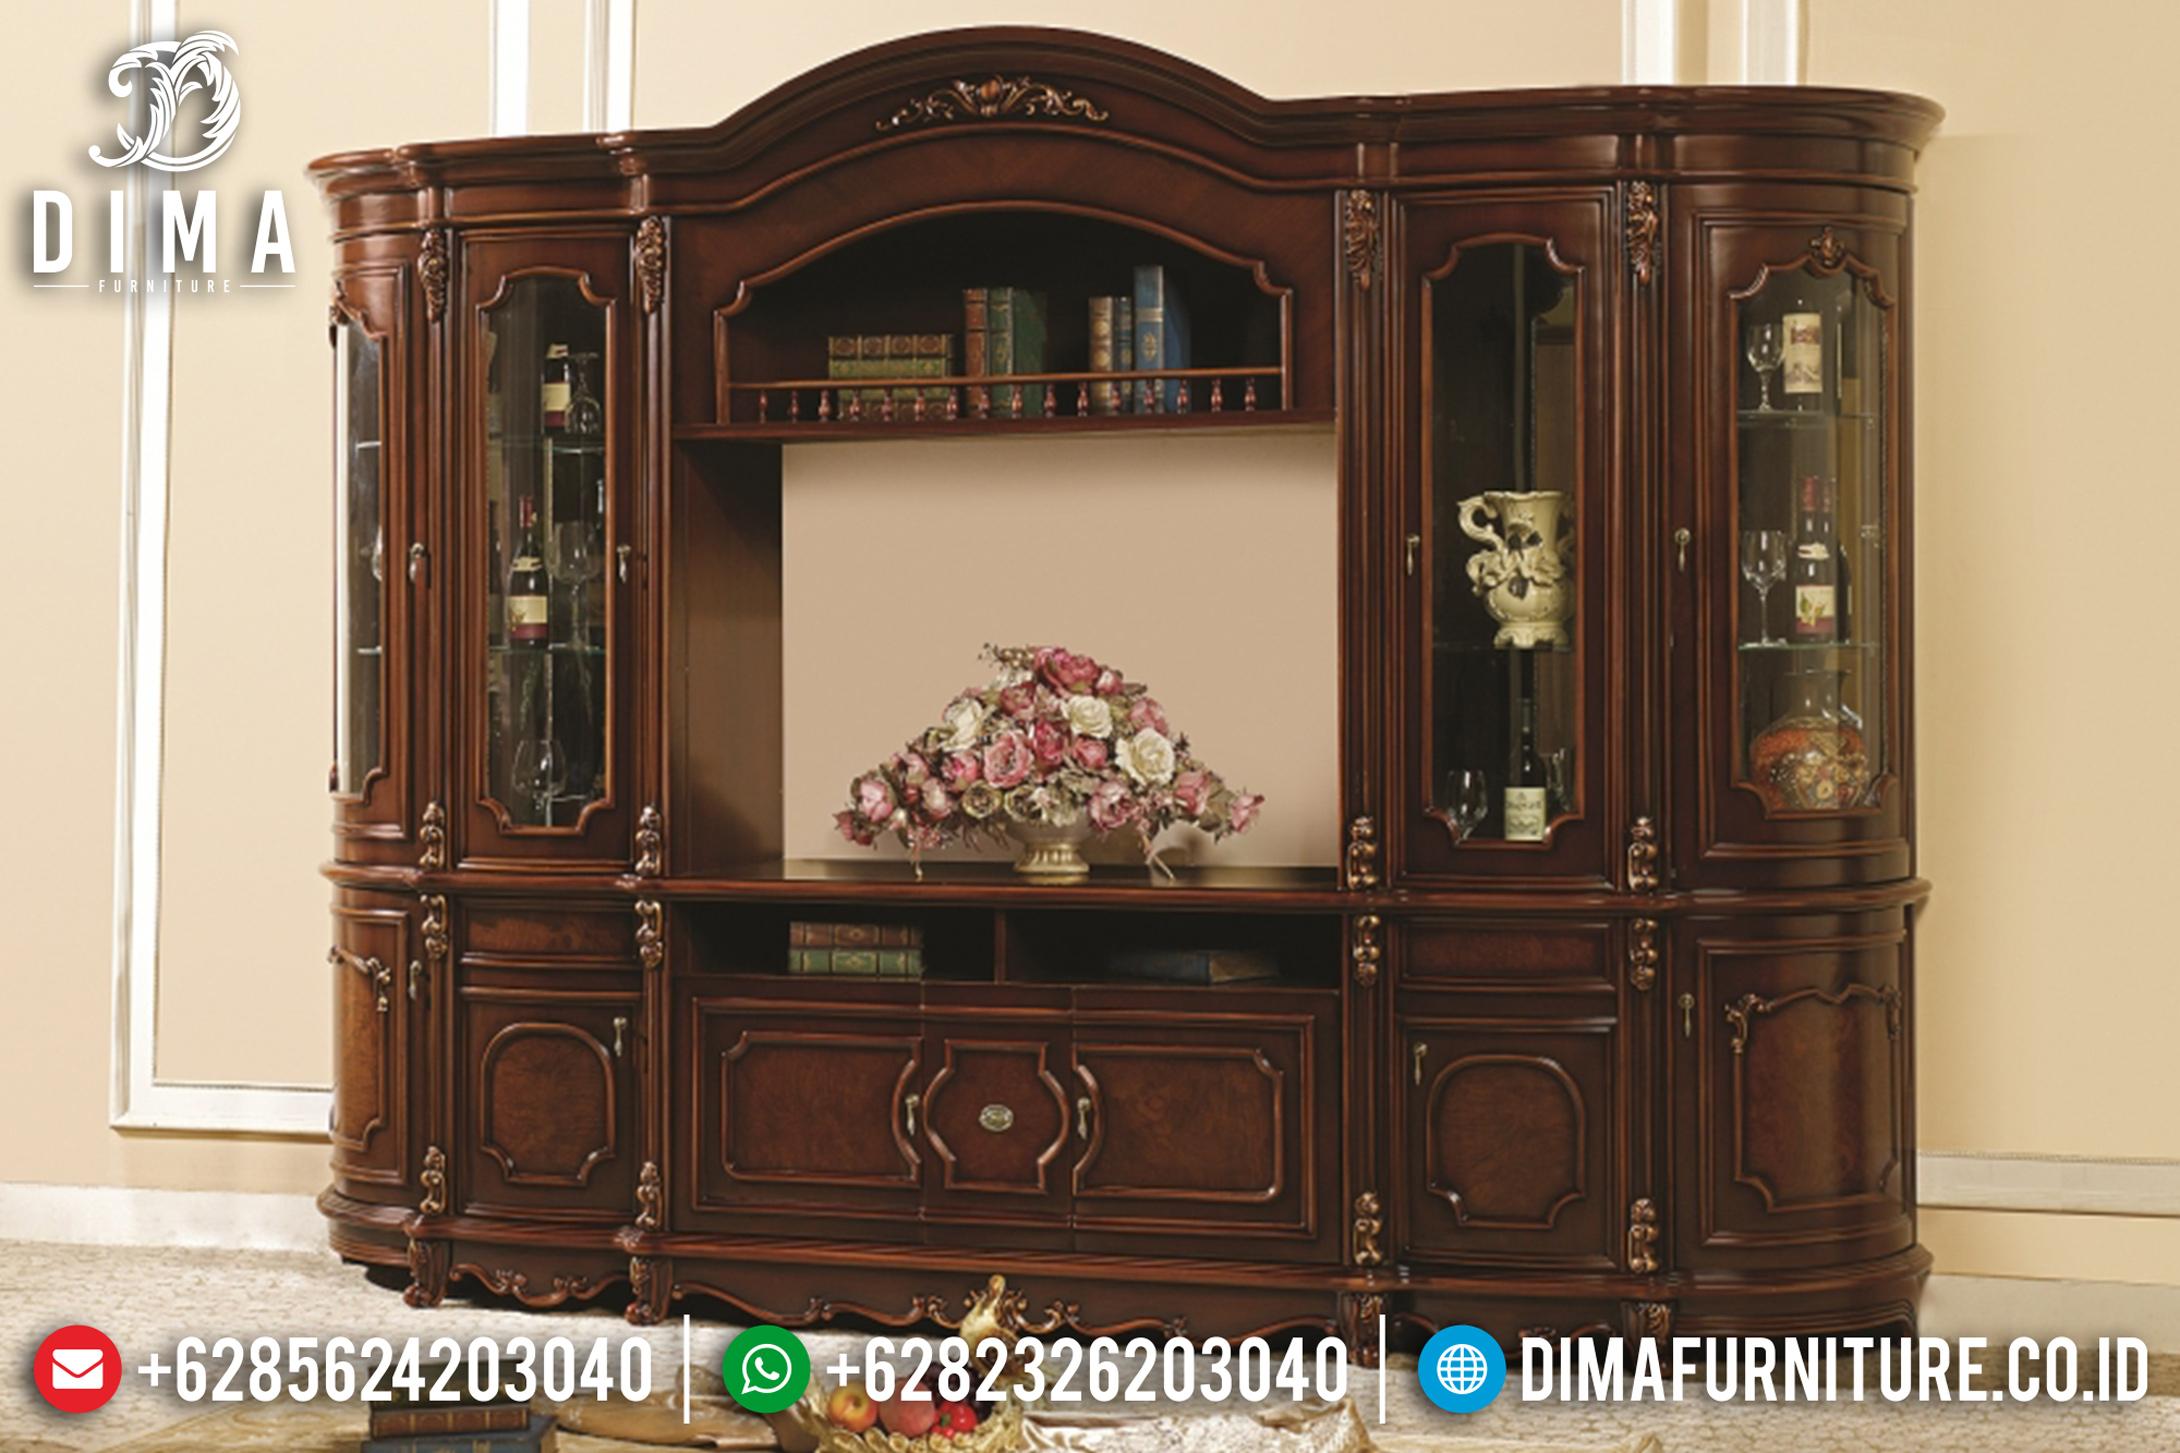 Bufet Tv Jati Mewah Modern Mebel Jepara Terbaru MM-0440